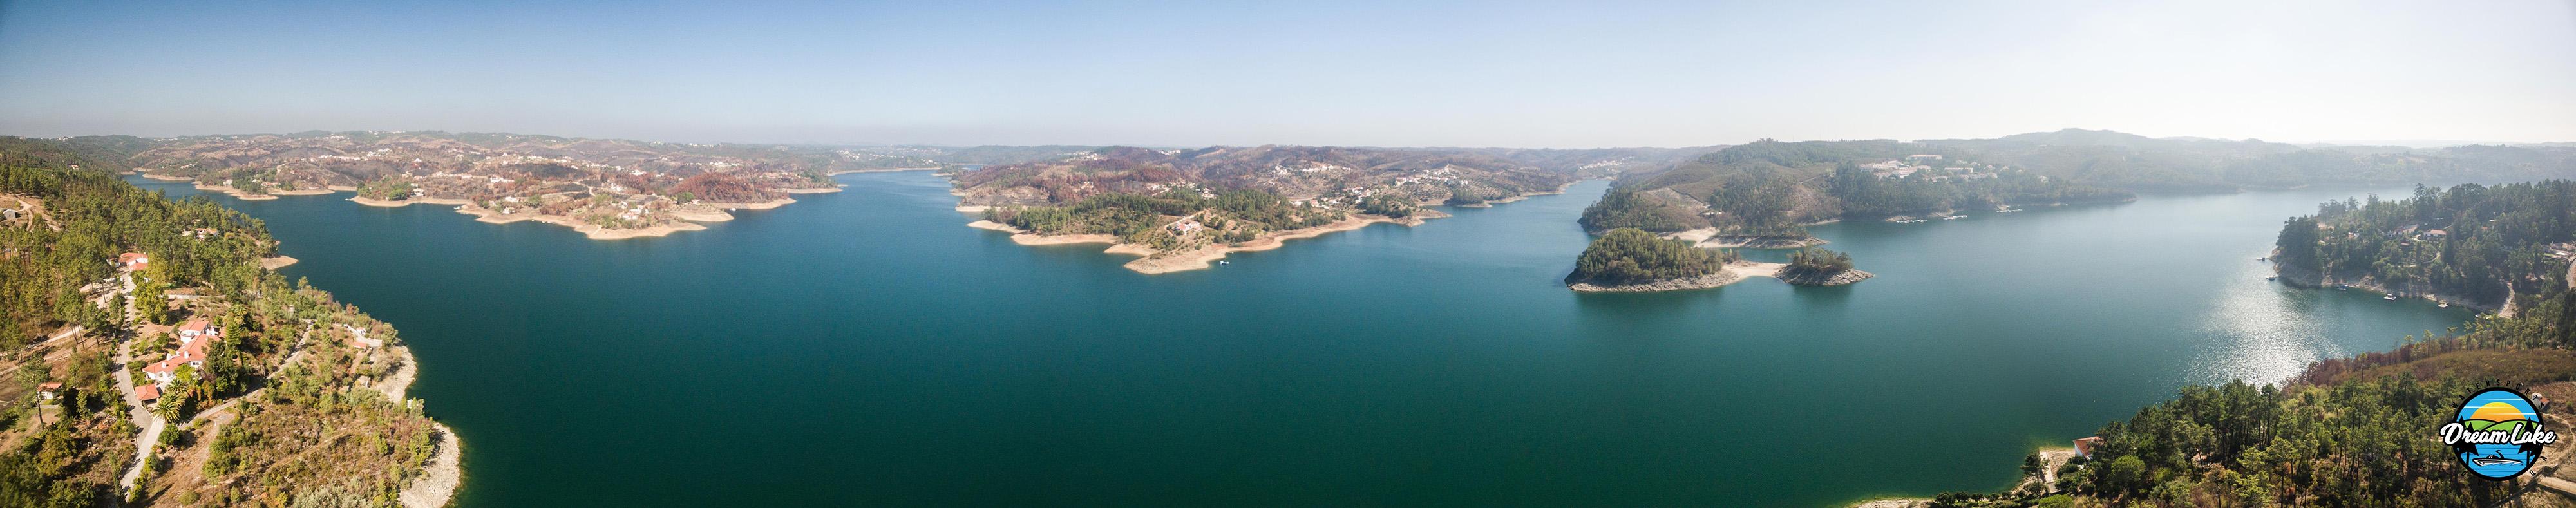 Dream-Lake-PANORAMA